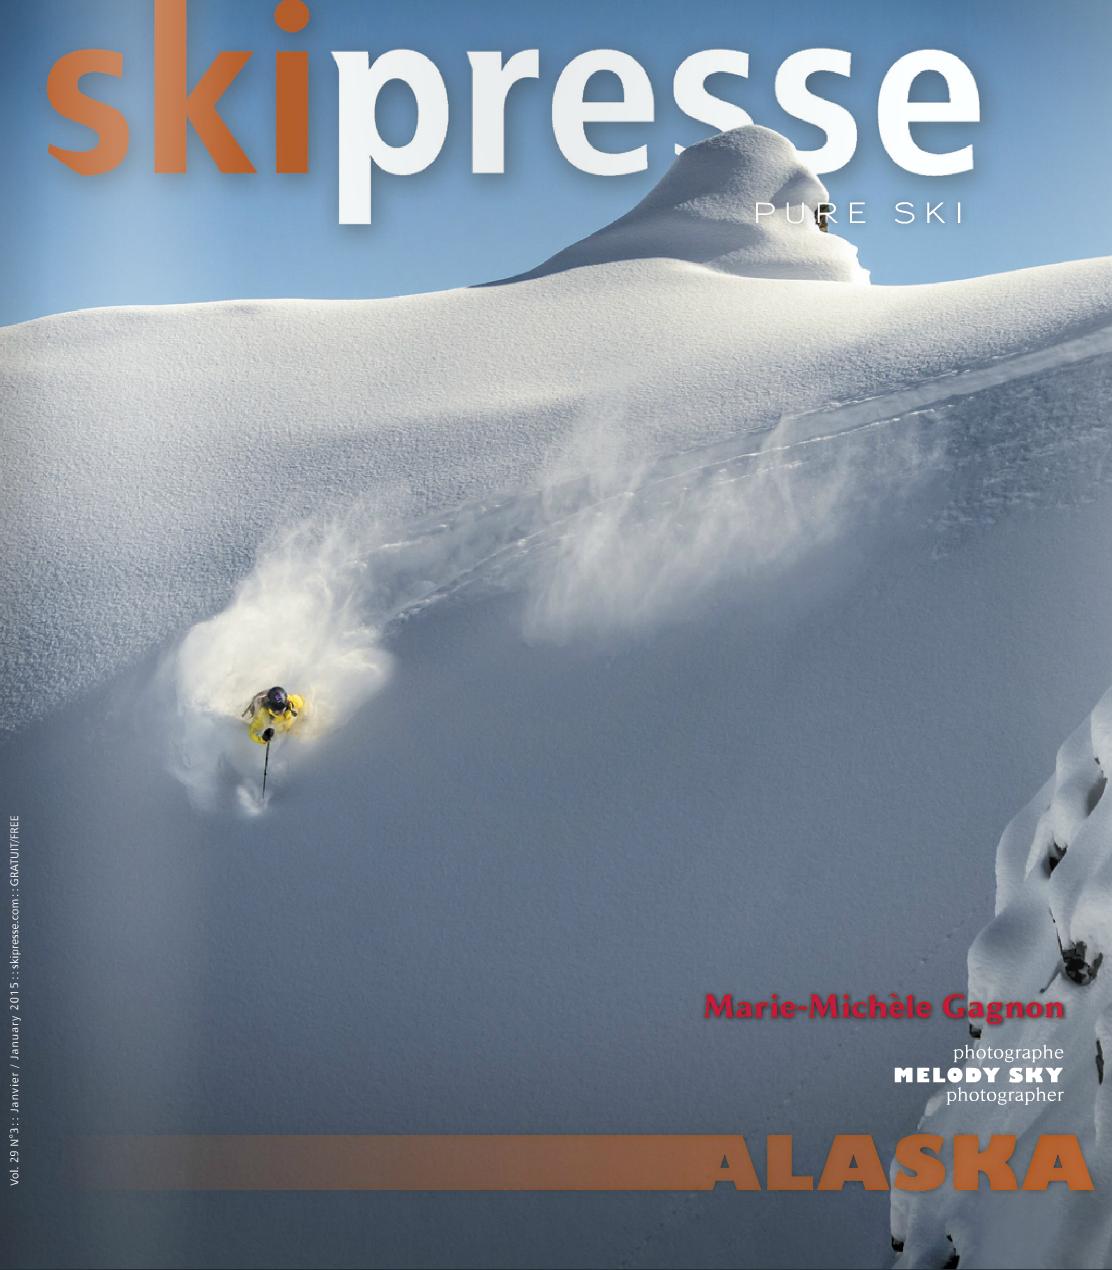 2015 - Ski Presse